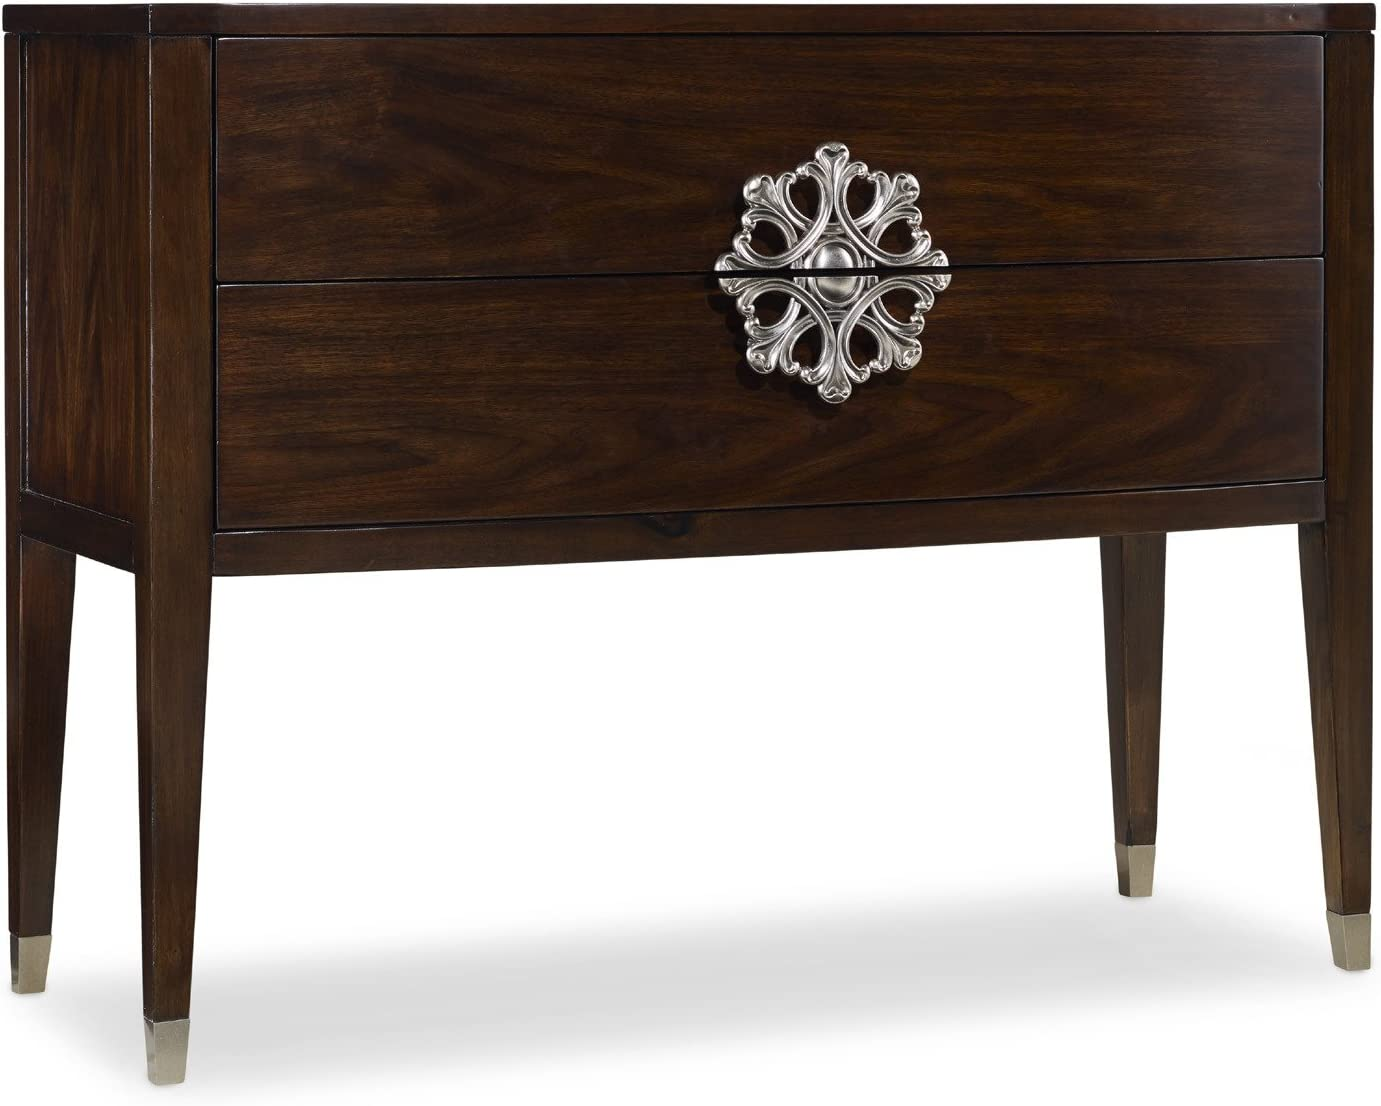 Hooker Furniture Melange 2-Drawer Medallion Console in Walnut